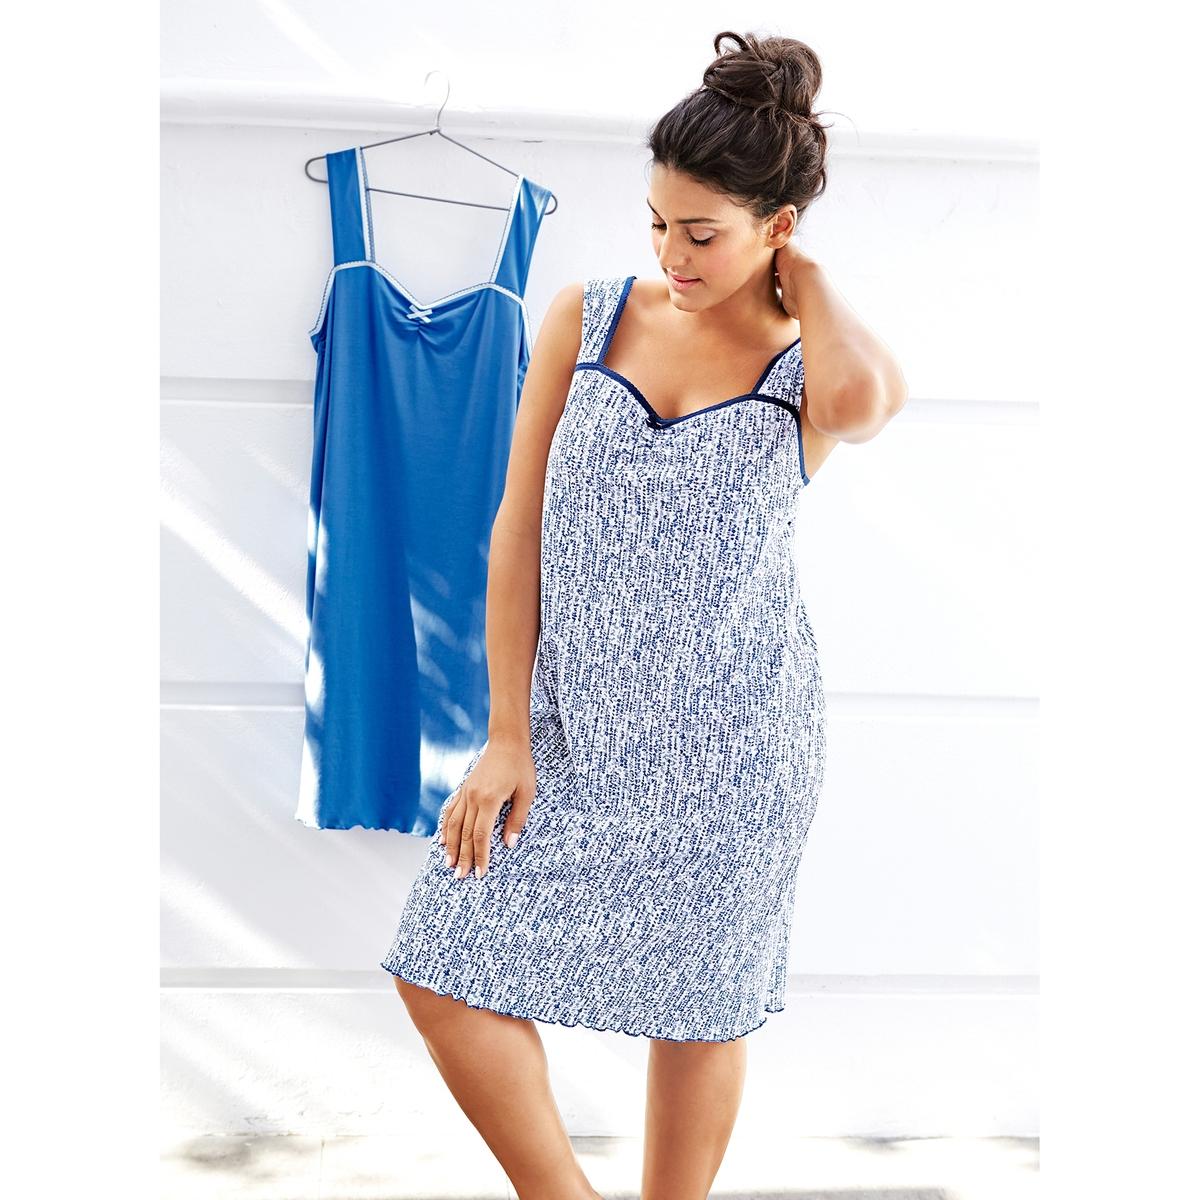 Ночные сорочкиКомплект из 2 ночных сорочек ULLA POPKEN: 1 однотонная ночная сорочка, 1 ночная сорочка с рисунком. Модели с бретелями, отделка краев выреза кружевом, волнистый низ. 100% хлопок<br><br>Цвет: разноцветный